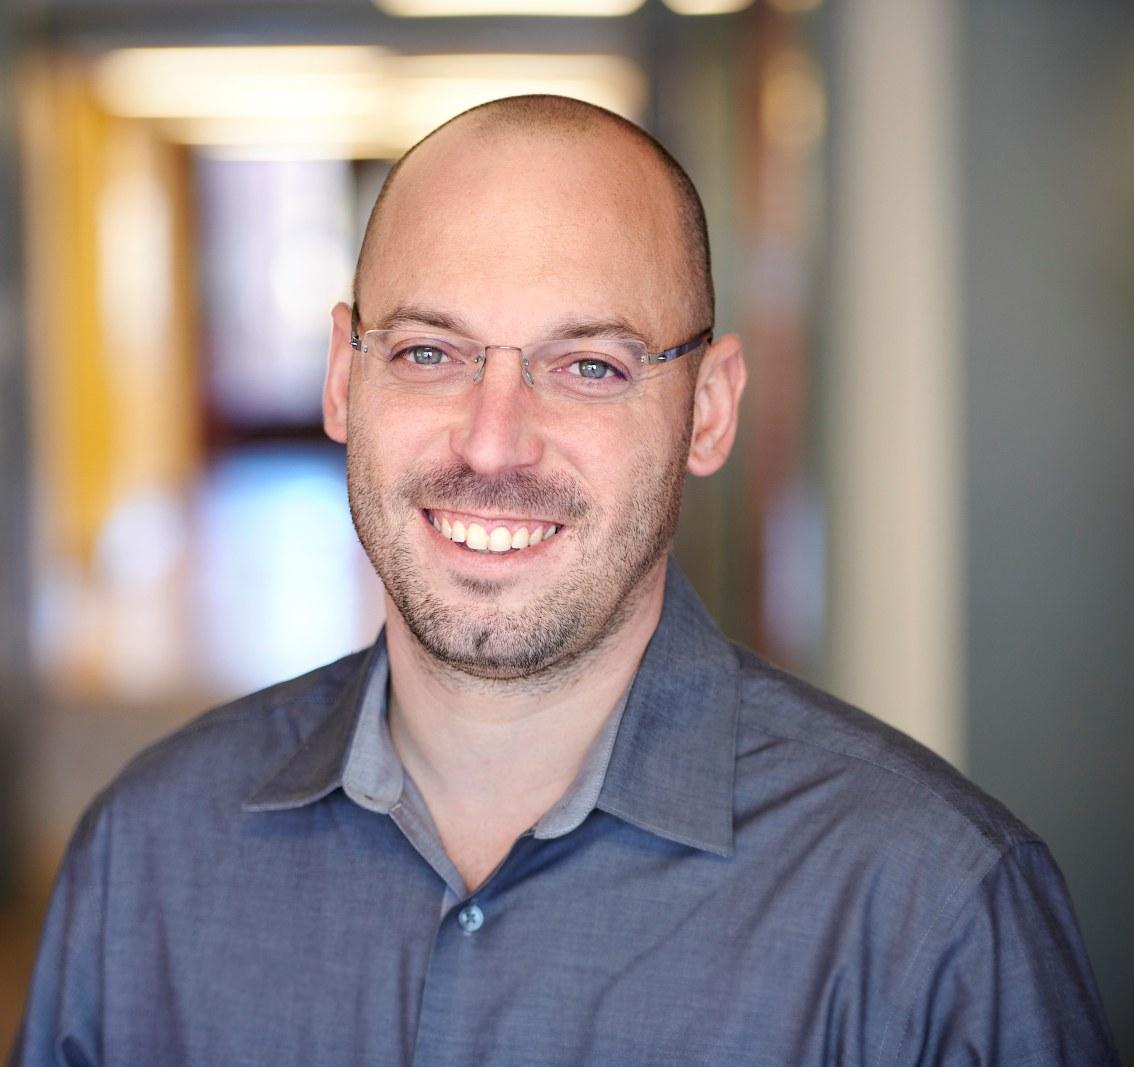 Omer Schneider, CyberX